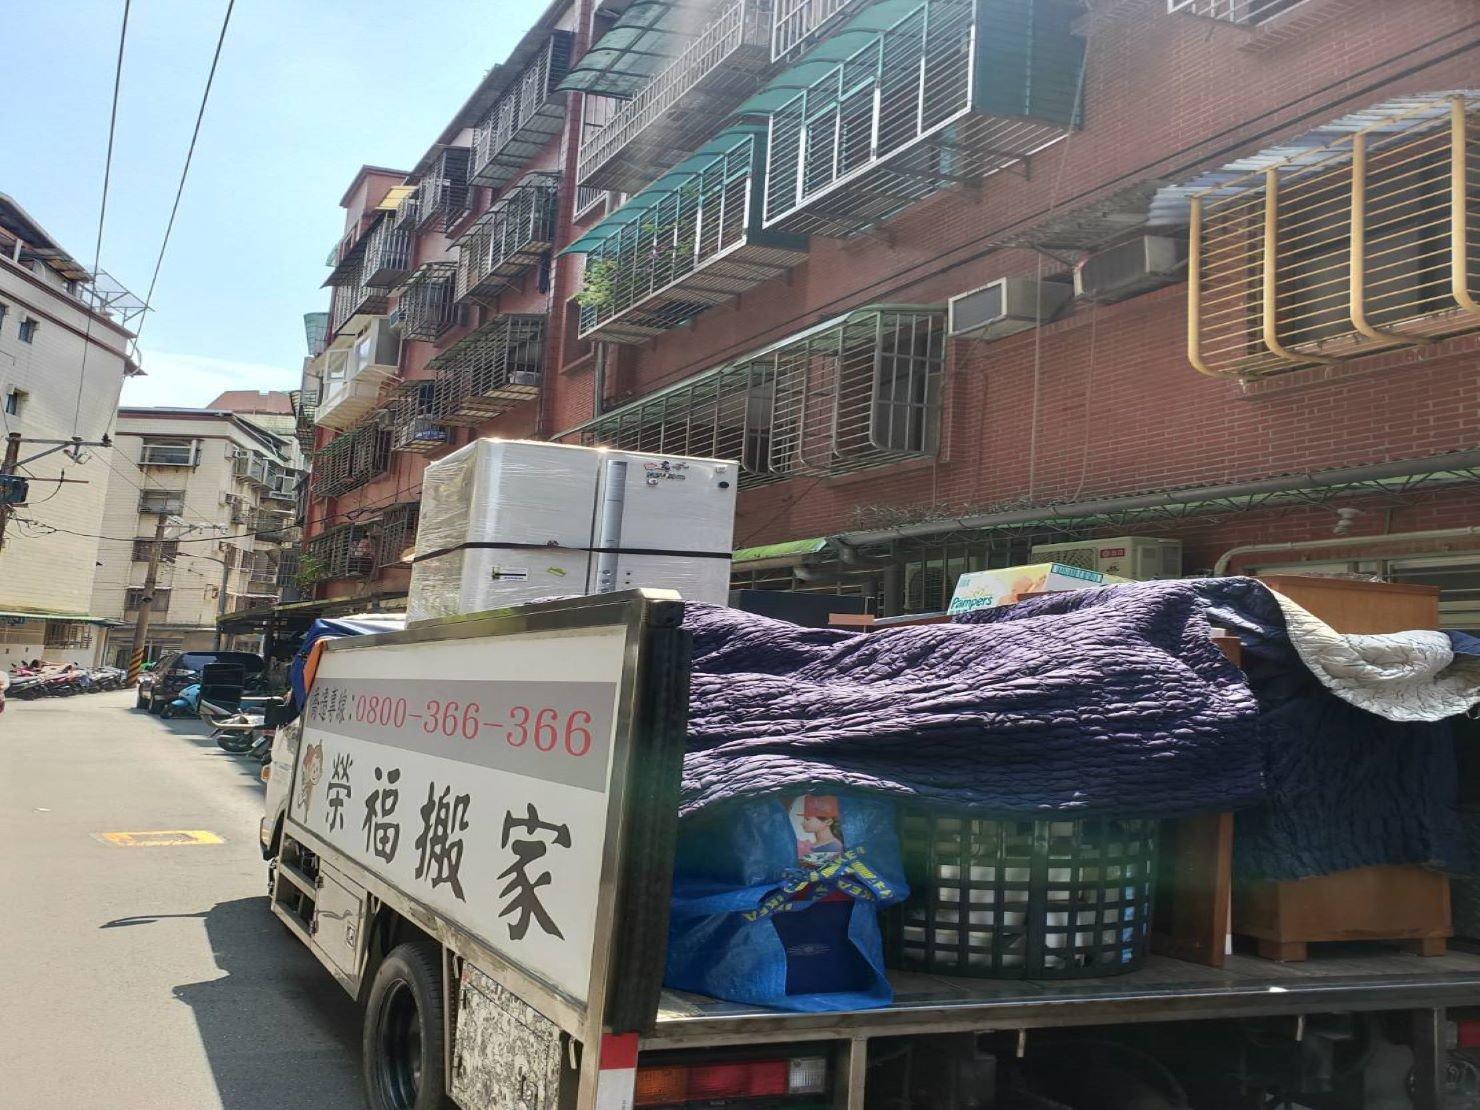 家庭搬遷冰箱搬運以膠膜層層綑繞直立放至固定角落避免遙晃及震動-台北搬家公司推薦榮福搬家